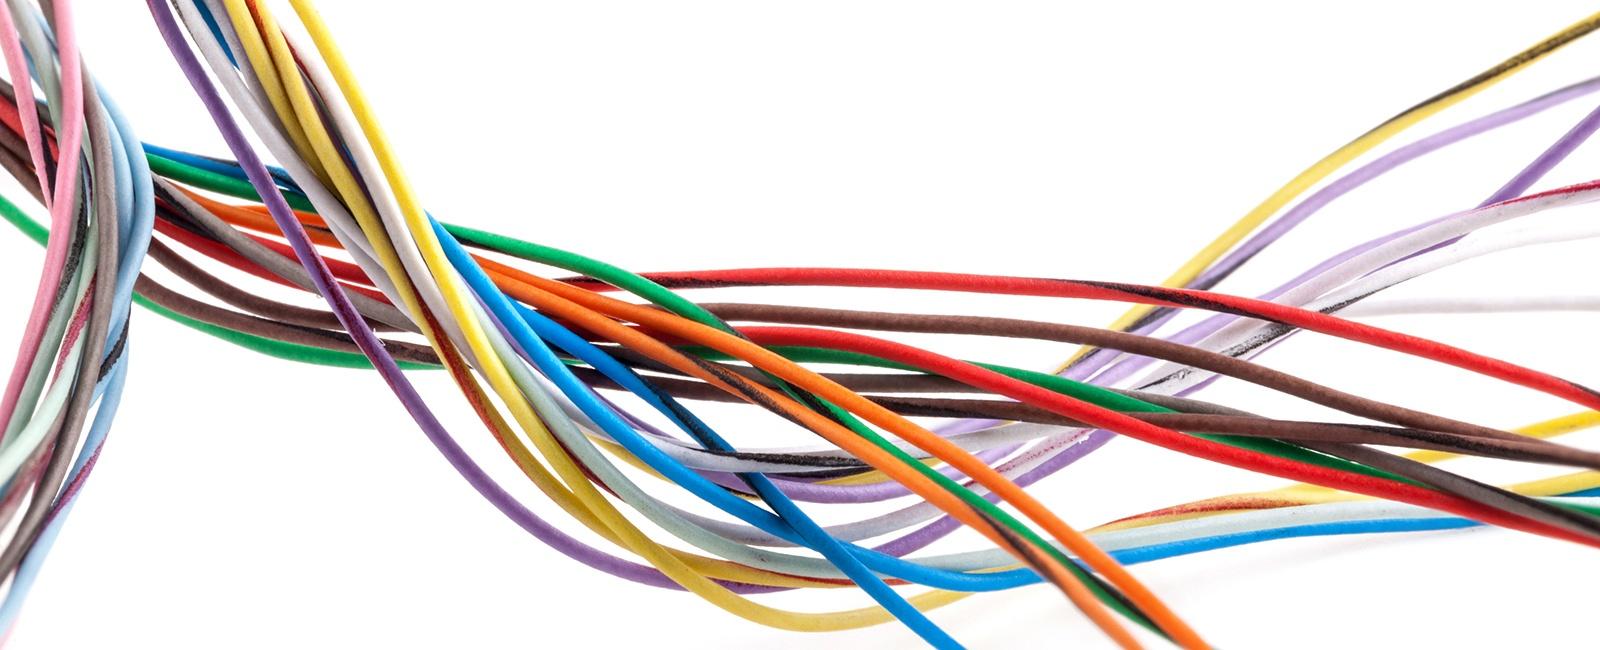 Groß Romex Wire Haspelspender Zeitgenössisch - Elektrische ...